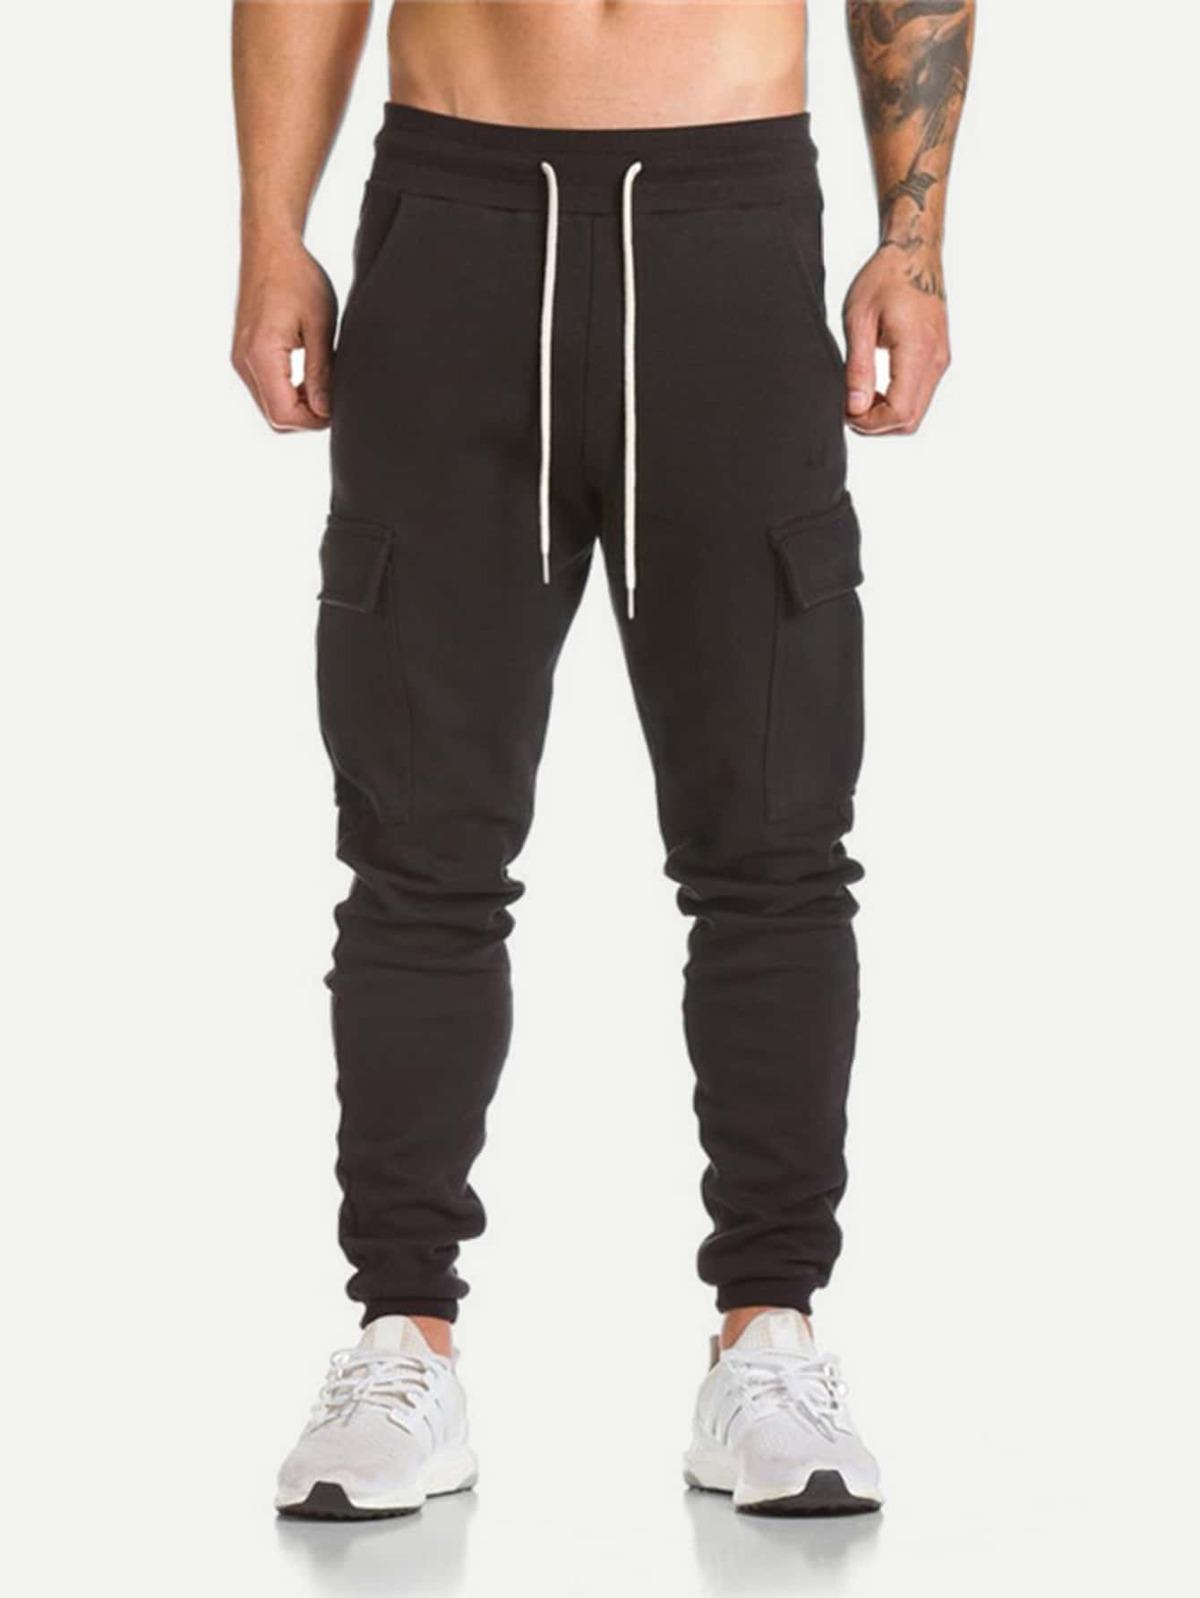 男人 口袋 裝飾 腰繫帶 褲